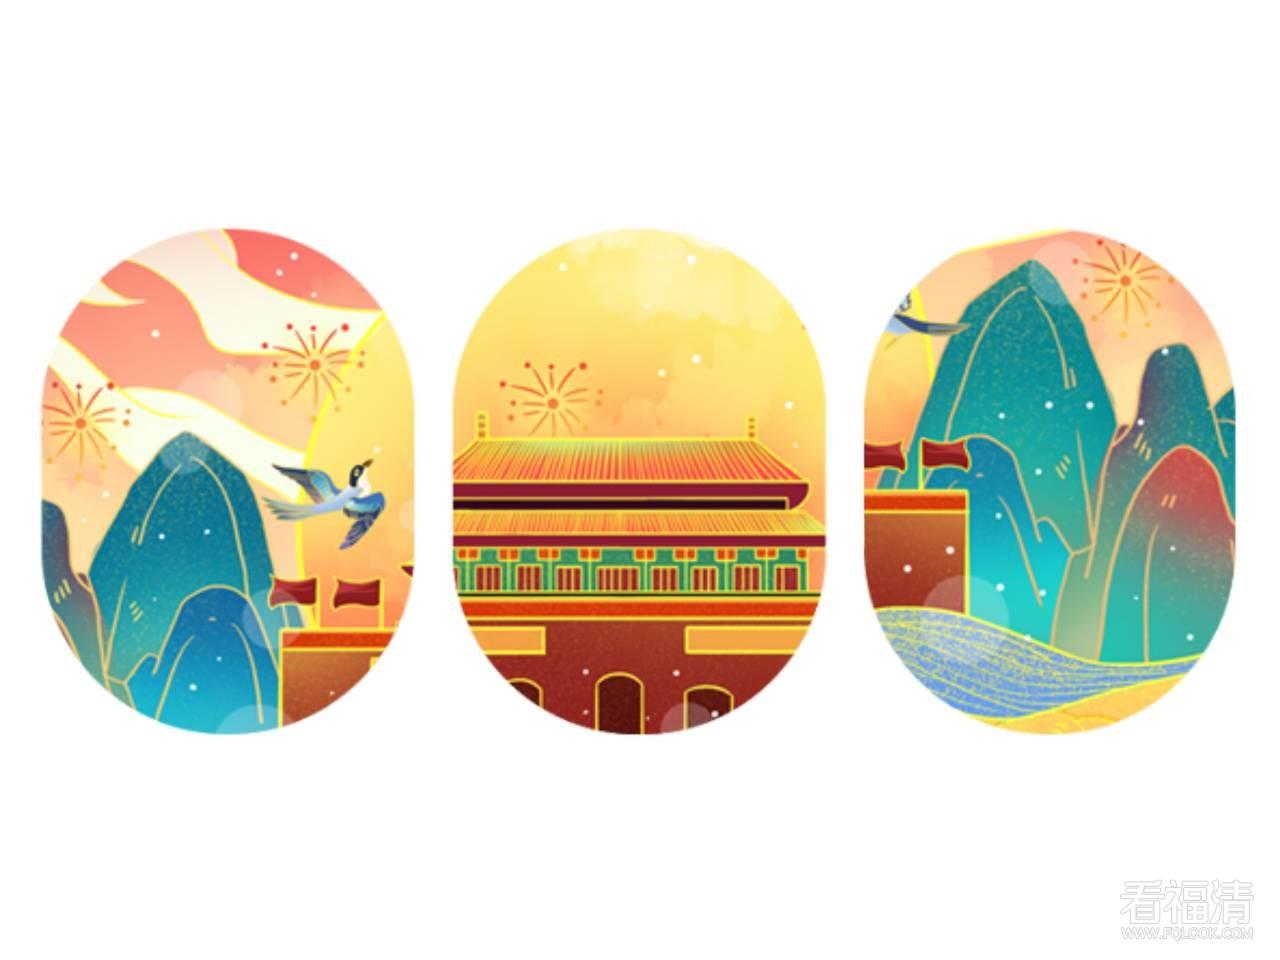 10月1号开始,在yaboapp18清昌万达的金街口处,举办的一